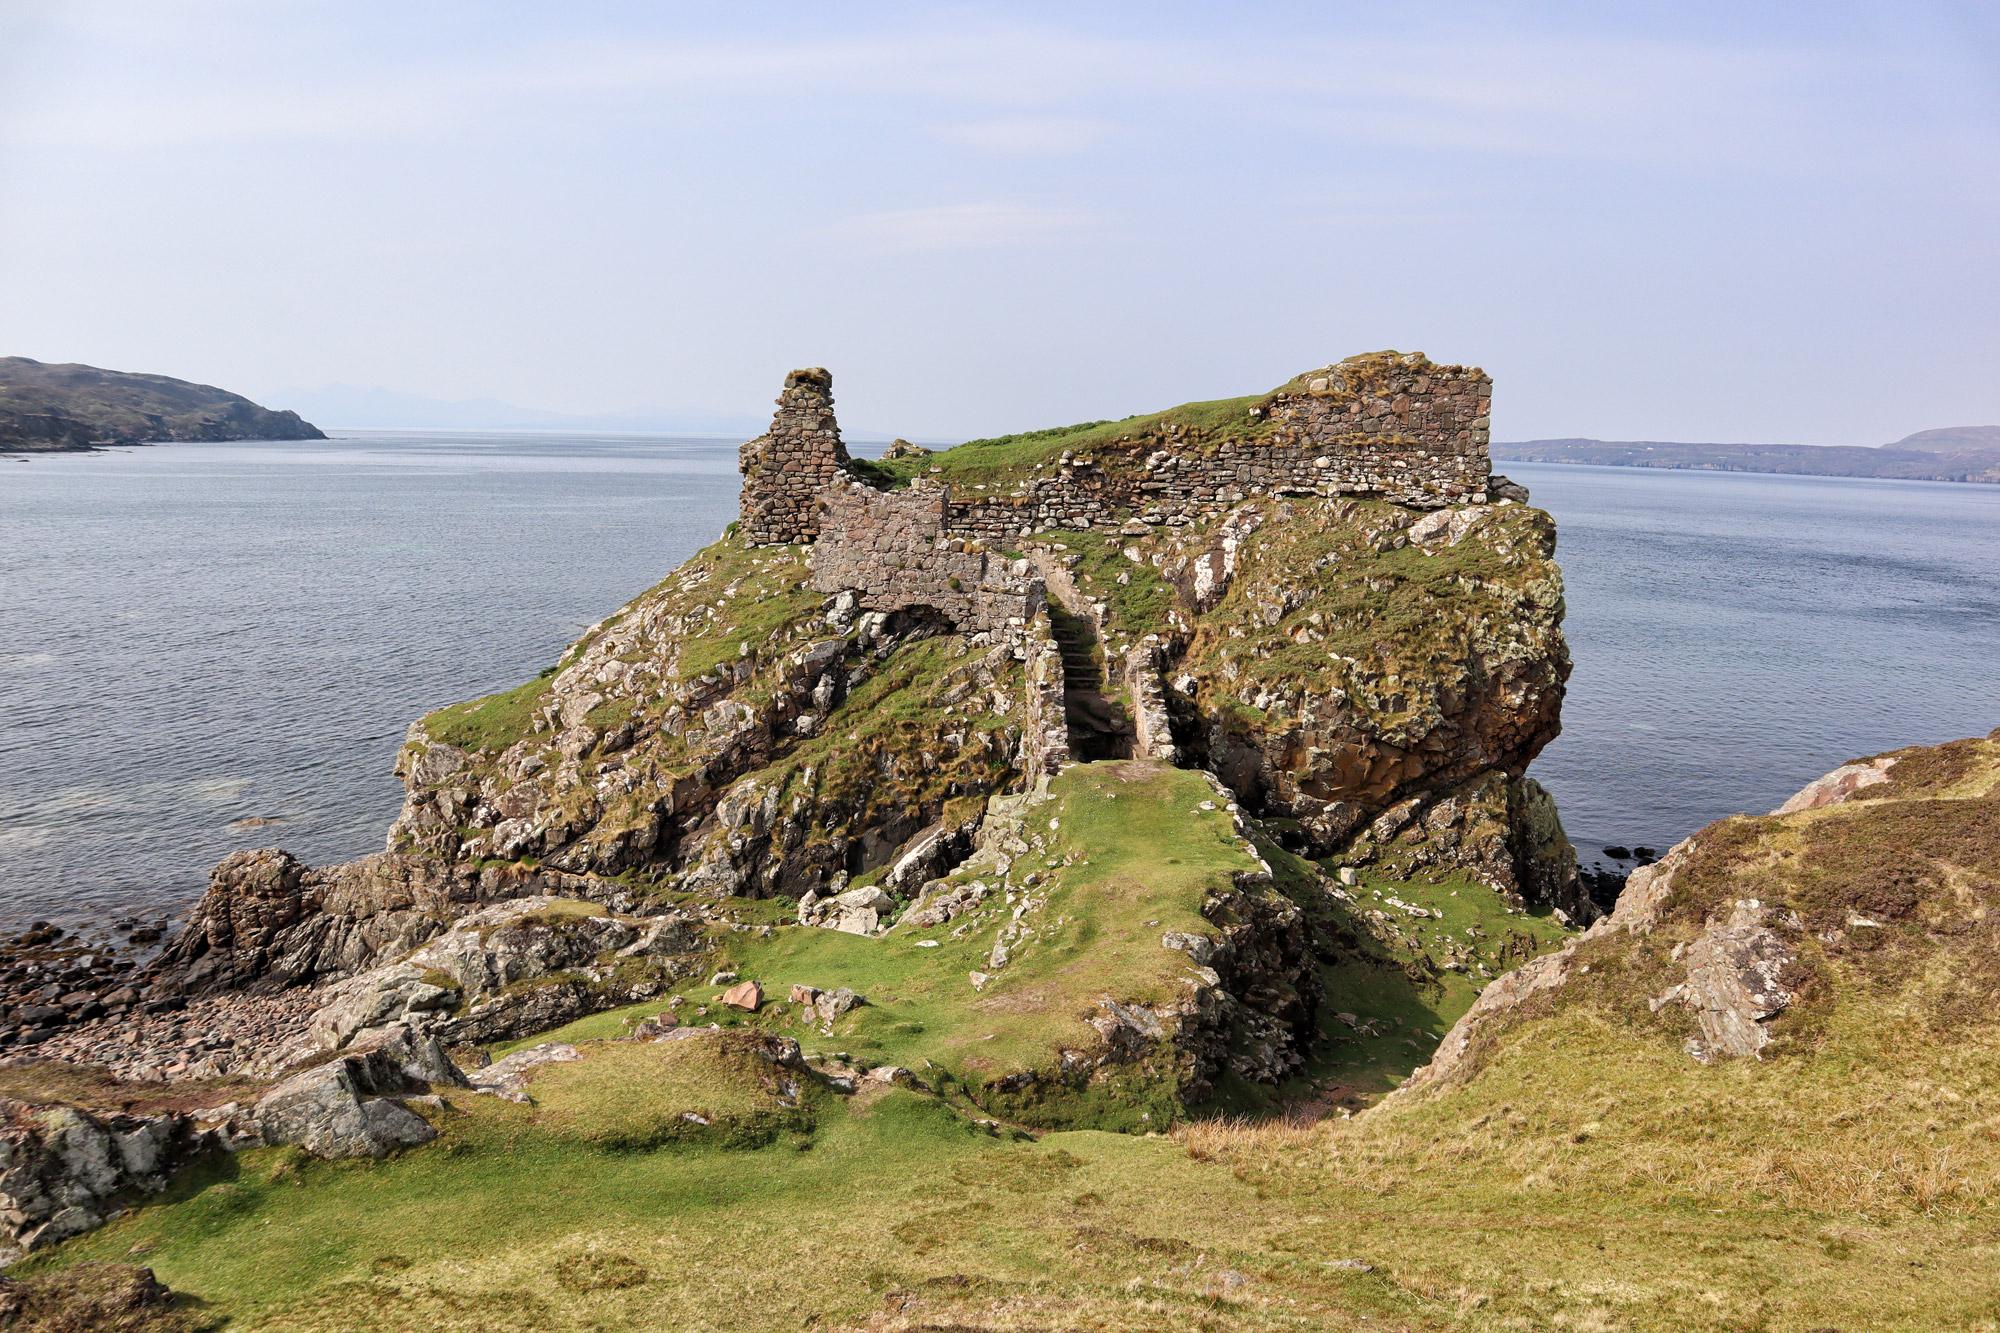 De hoogtepunten van Isle of Skye - Dunscaith Castle